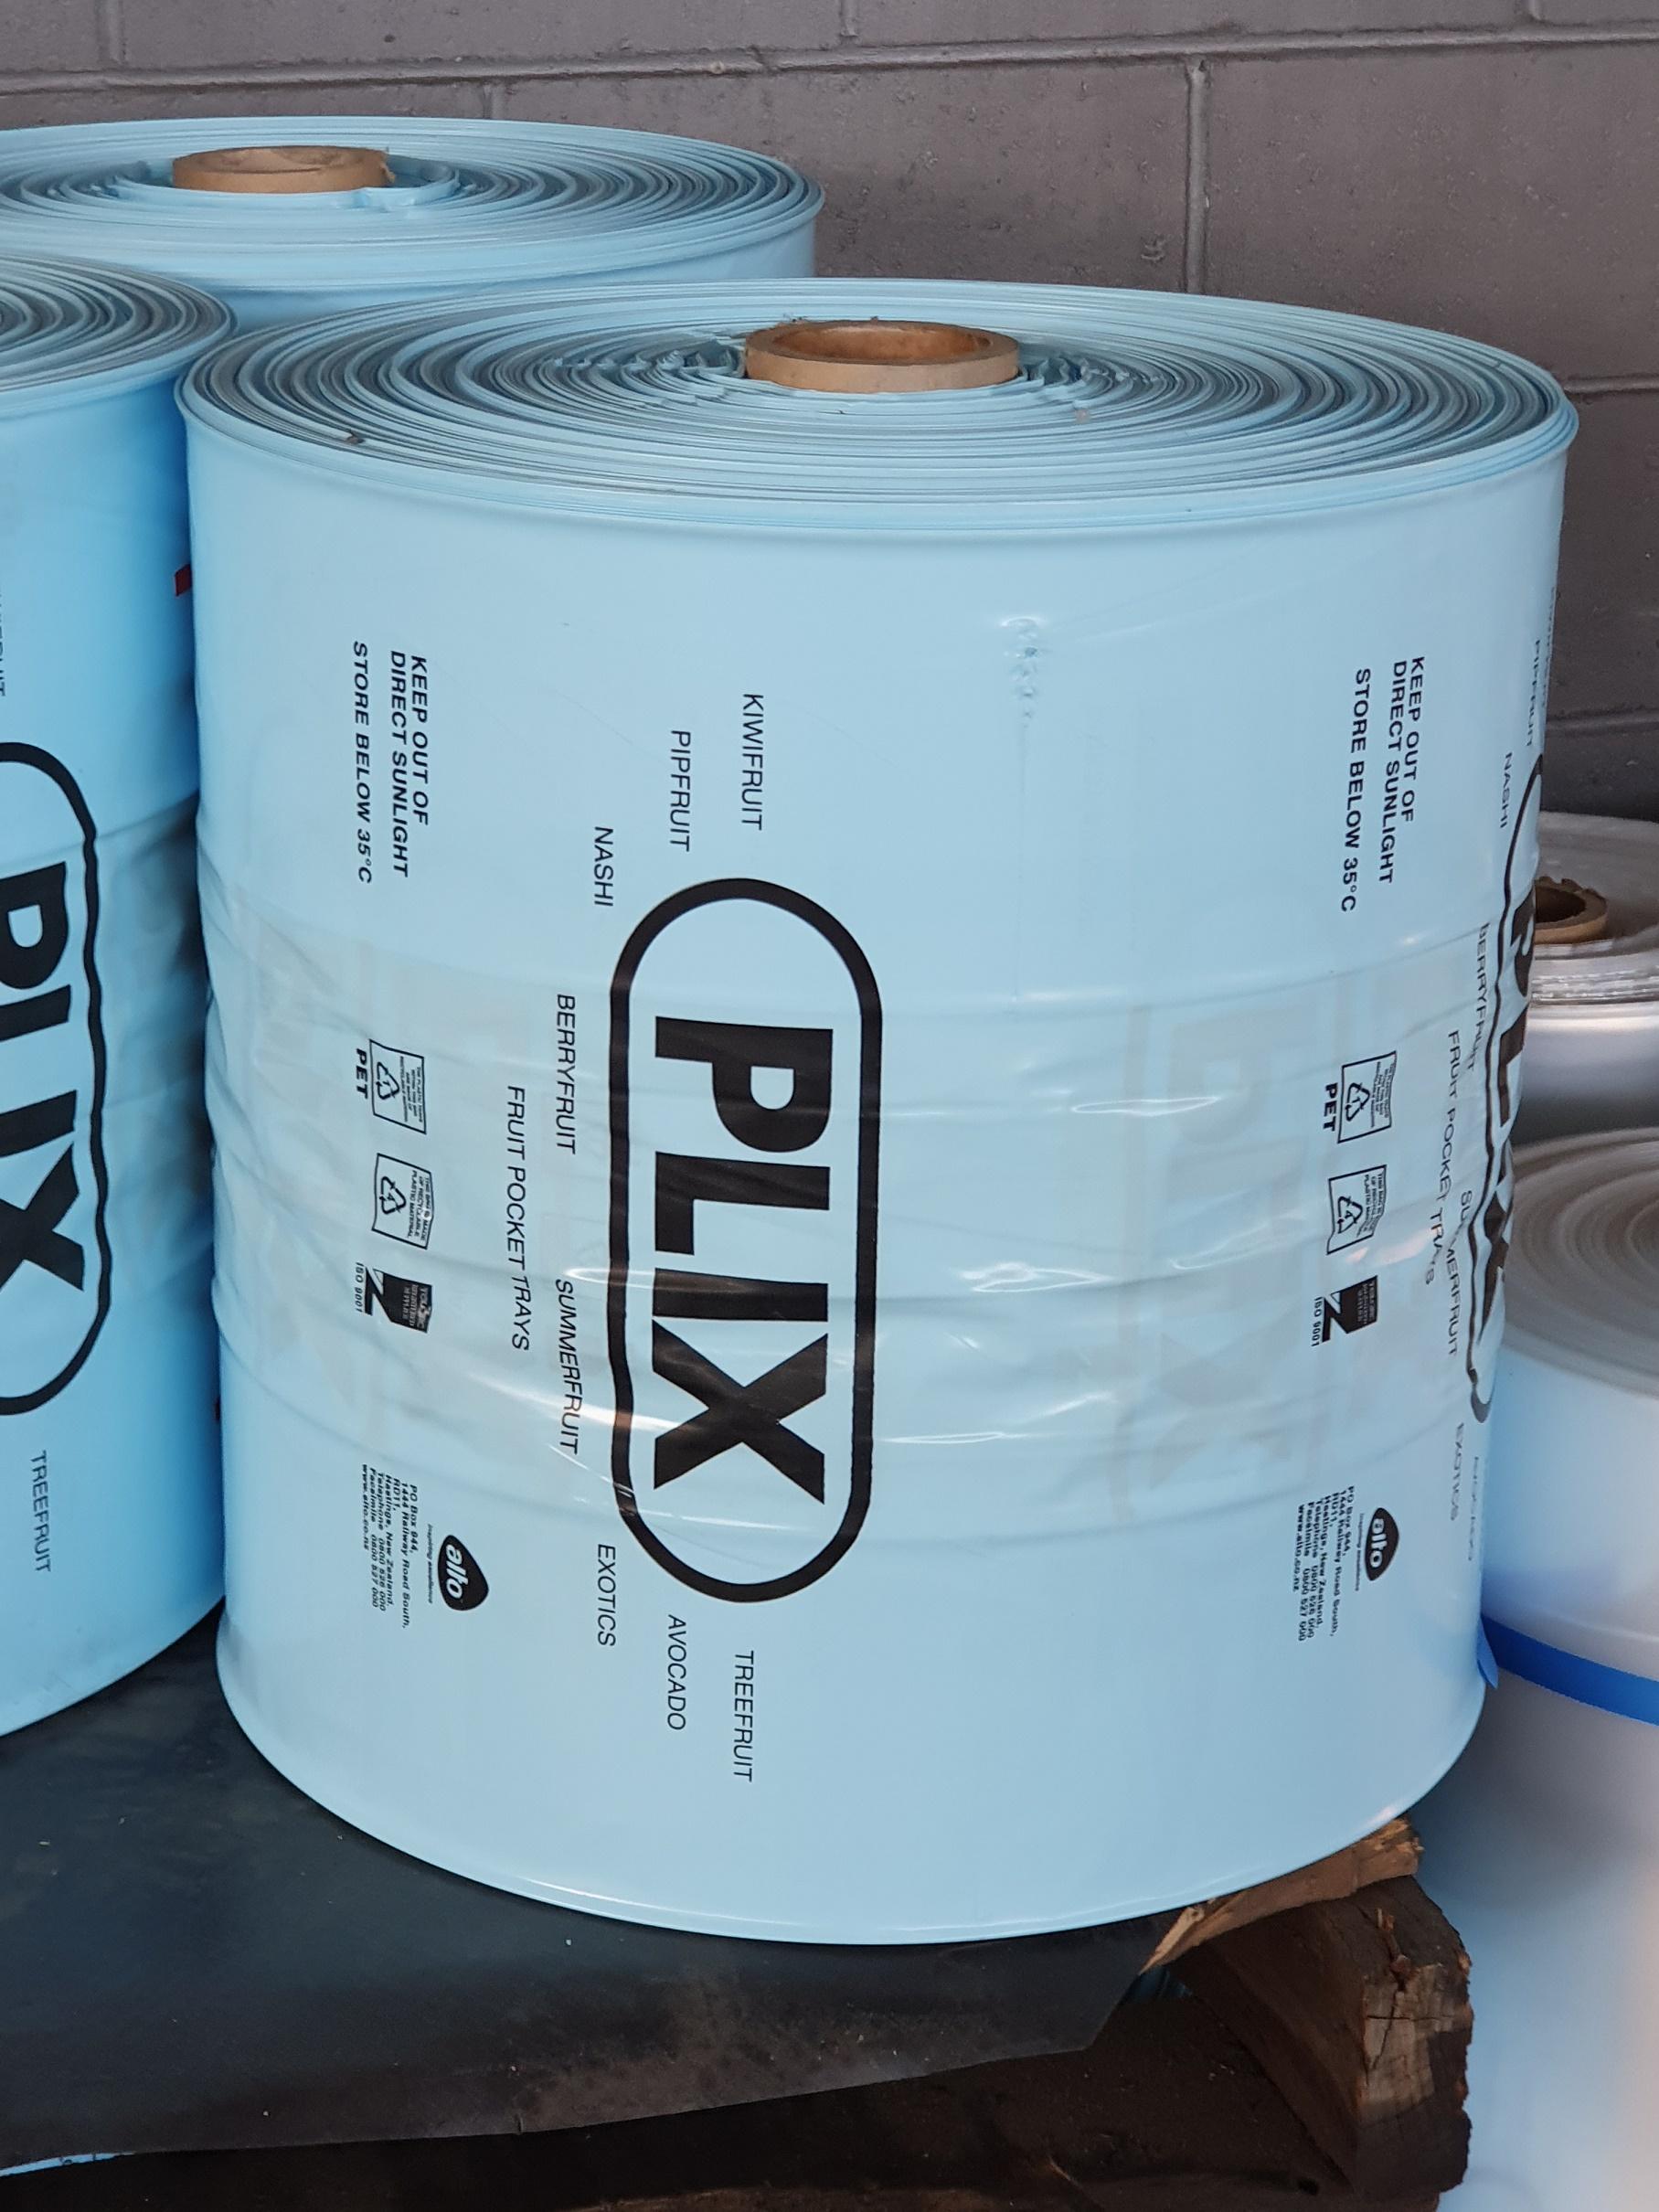 Custom Made Packaging Christchurch New Zealand. Flexoplas Packaging Ltd